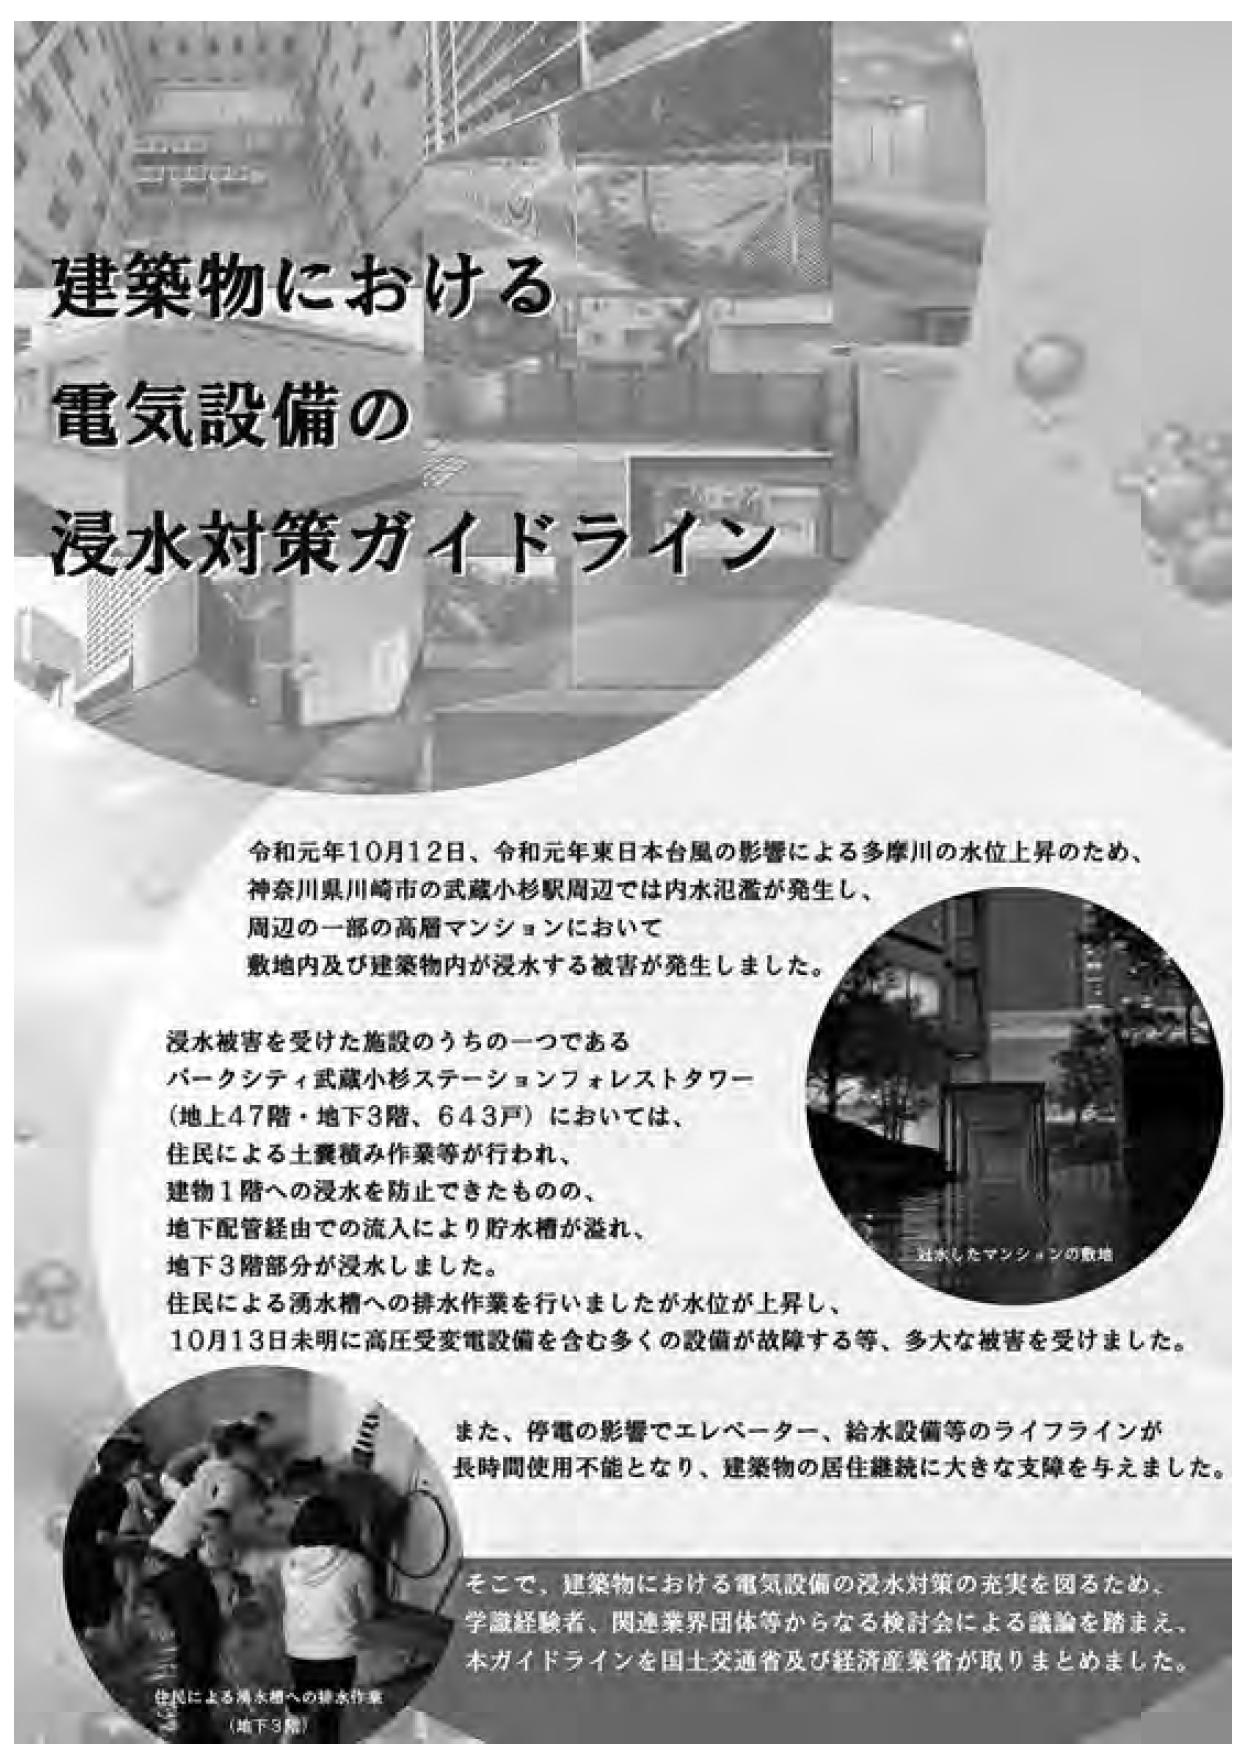 【国交省・経産省】建築物における電気設備の浸水対策ガイドラインの画像